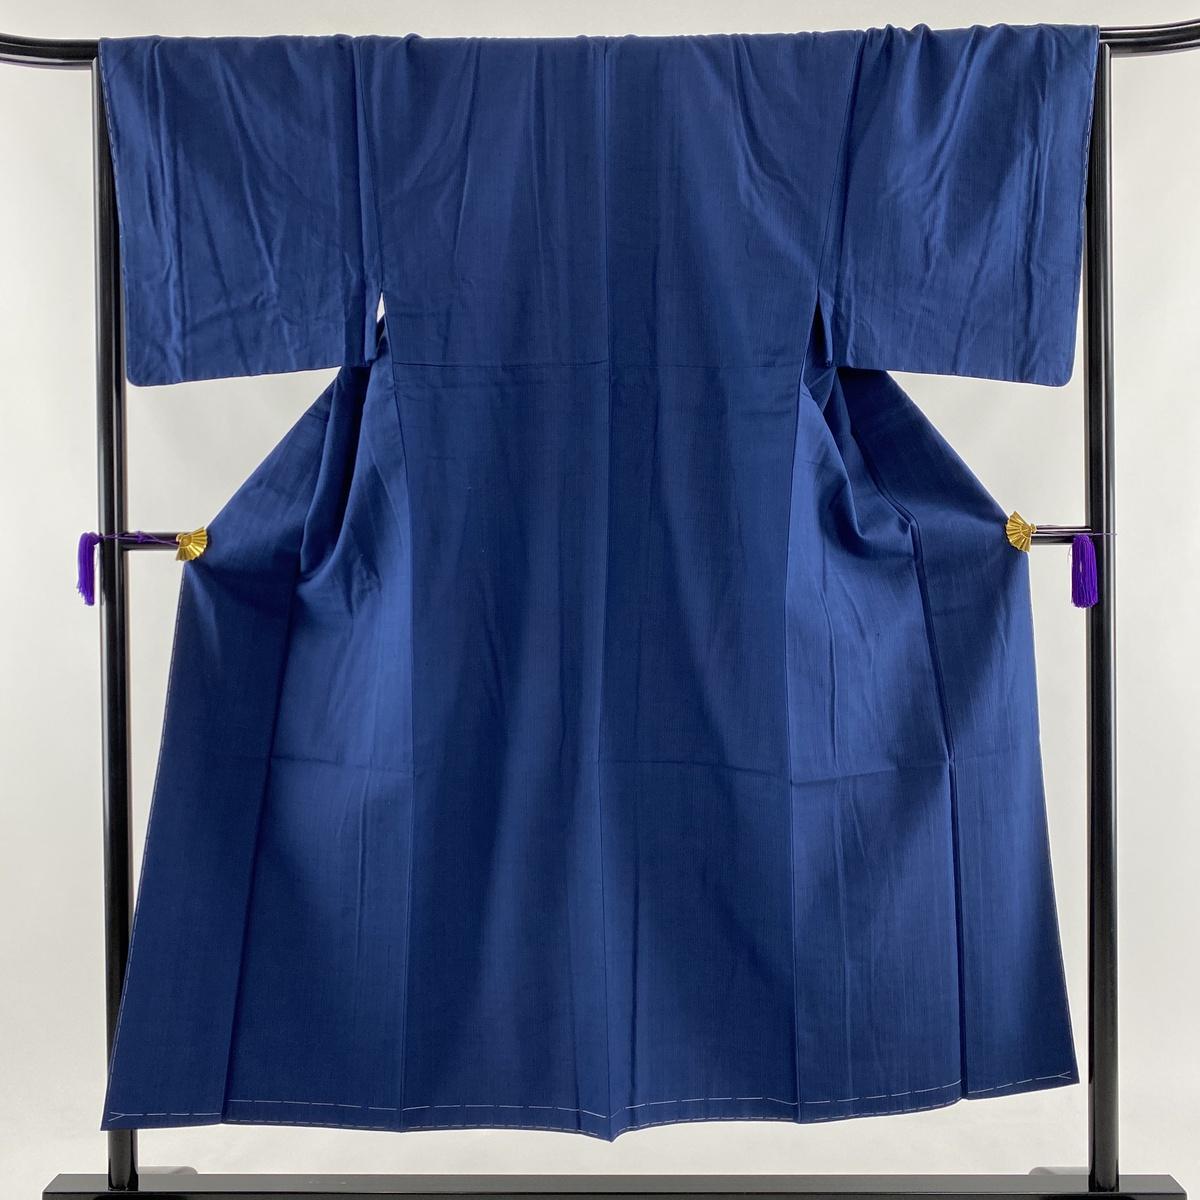 男着物 美品 秀品 証紙あり 結城紬地 縦縞 紺色 袷 身丈149cm 裄丈67cm S 正絹 【中古】